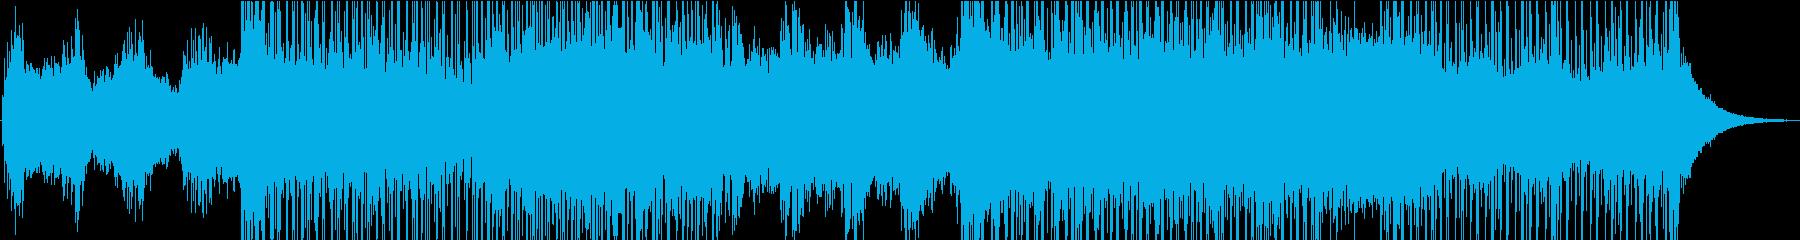 深く落ち着いた宇宙のようなサウンドの再生済みの波形